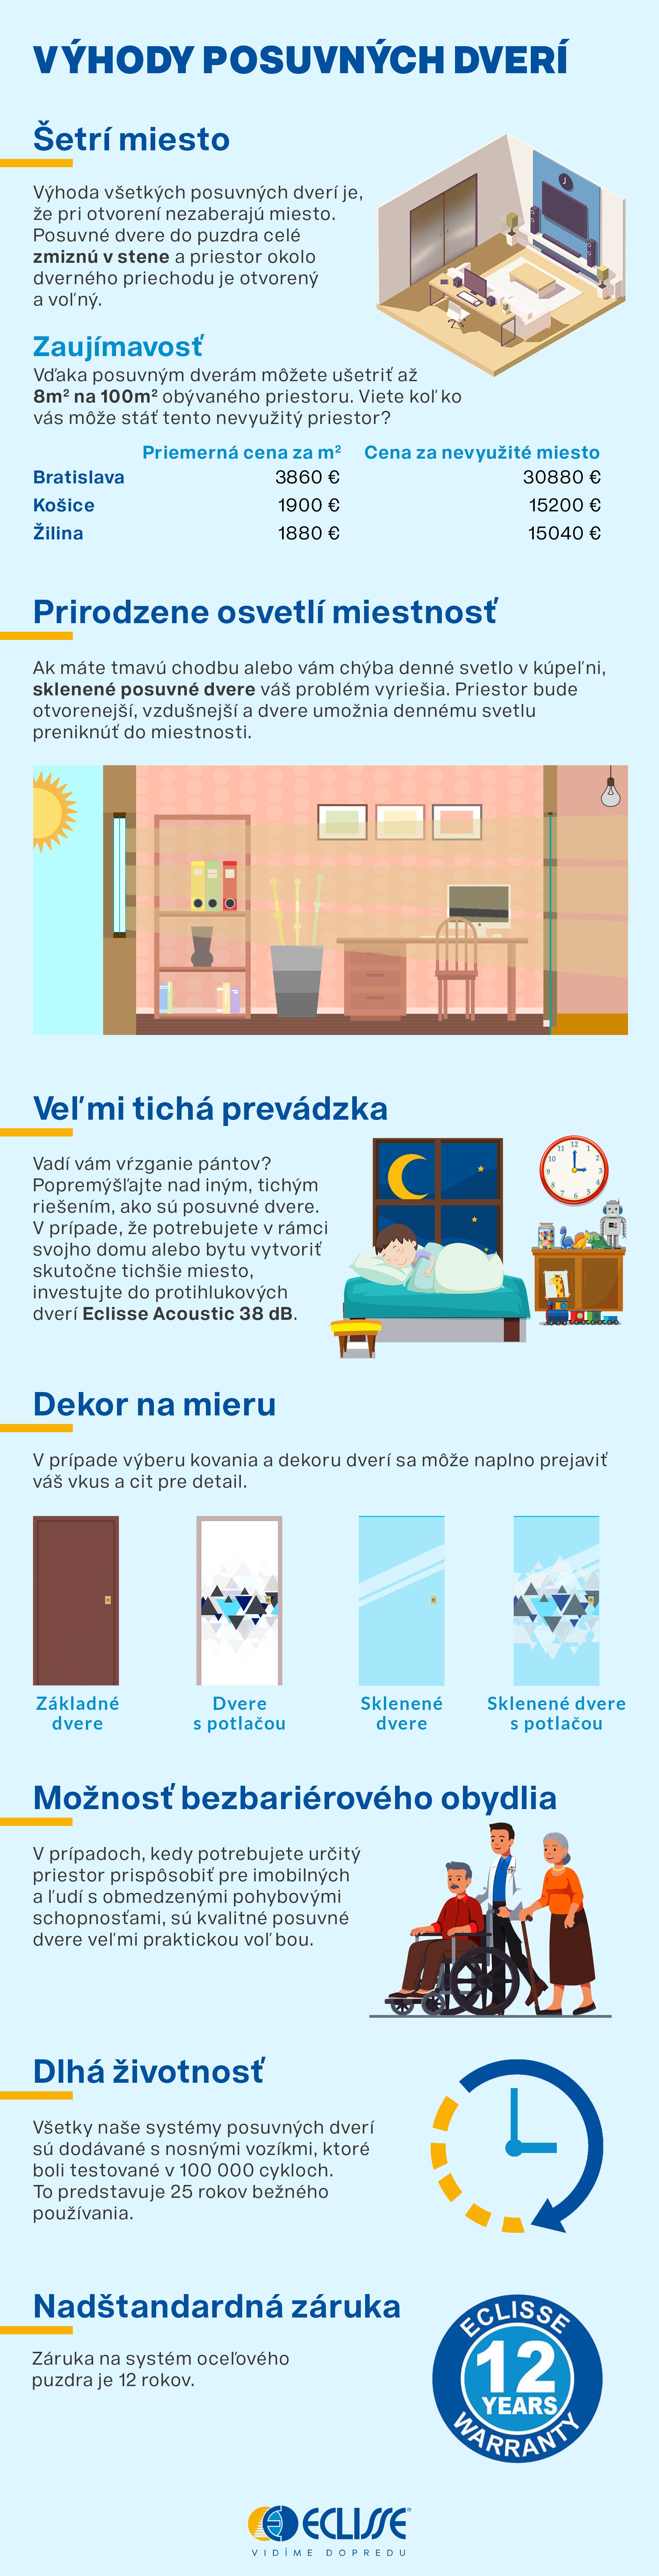 Infografika Výhod